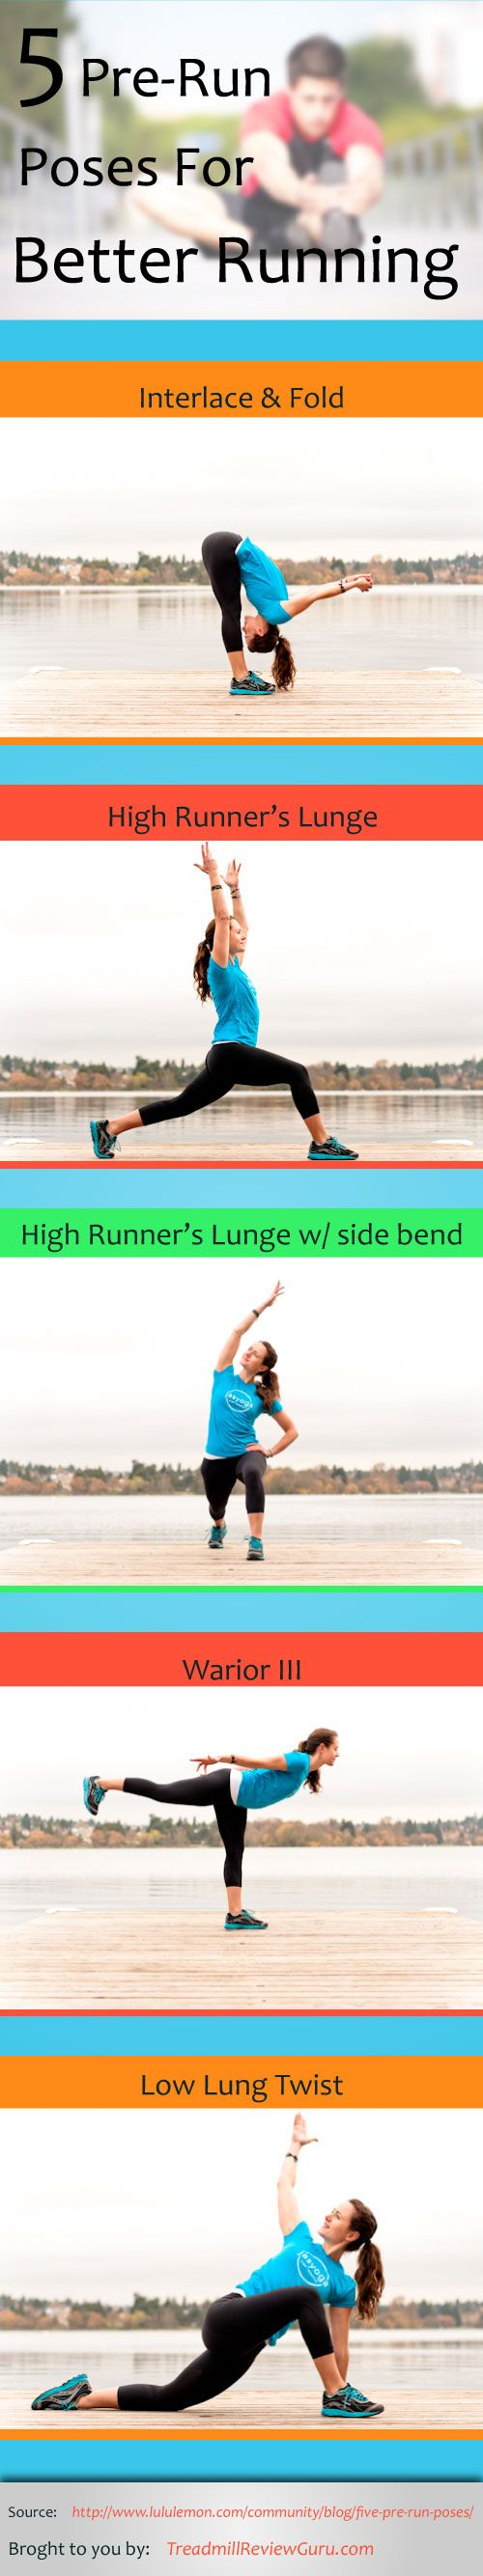 5 pre run poses for better running.